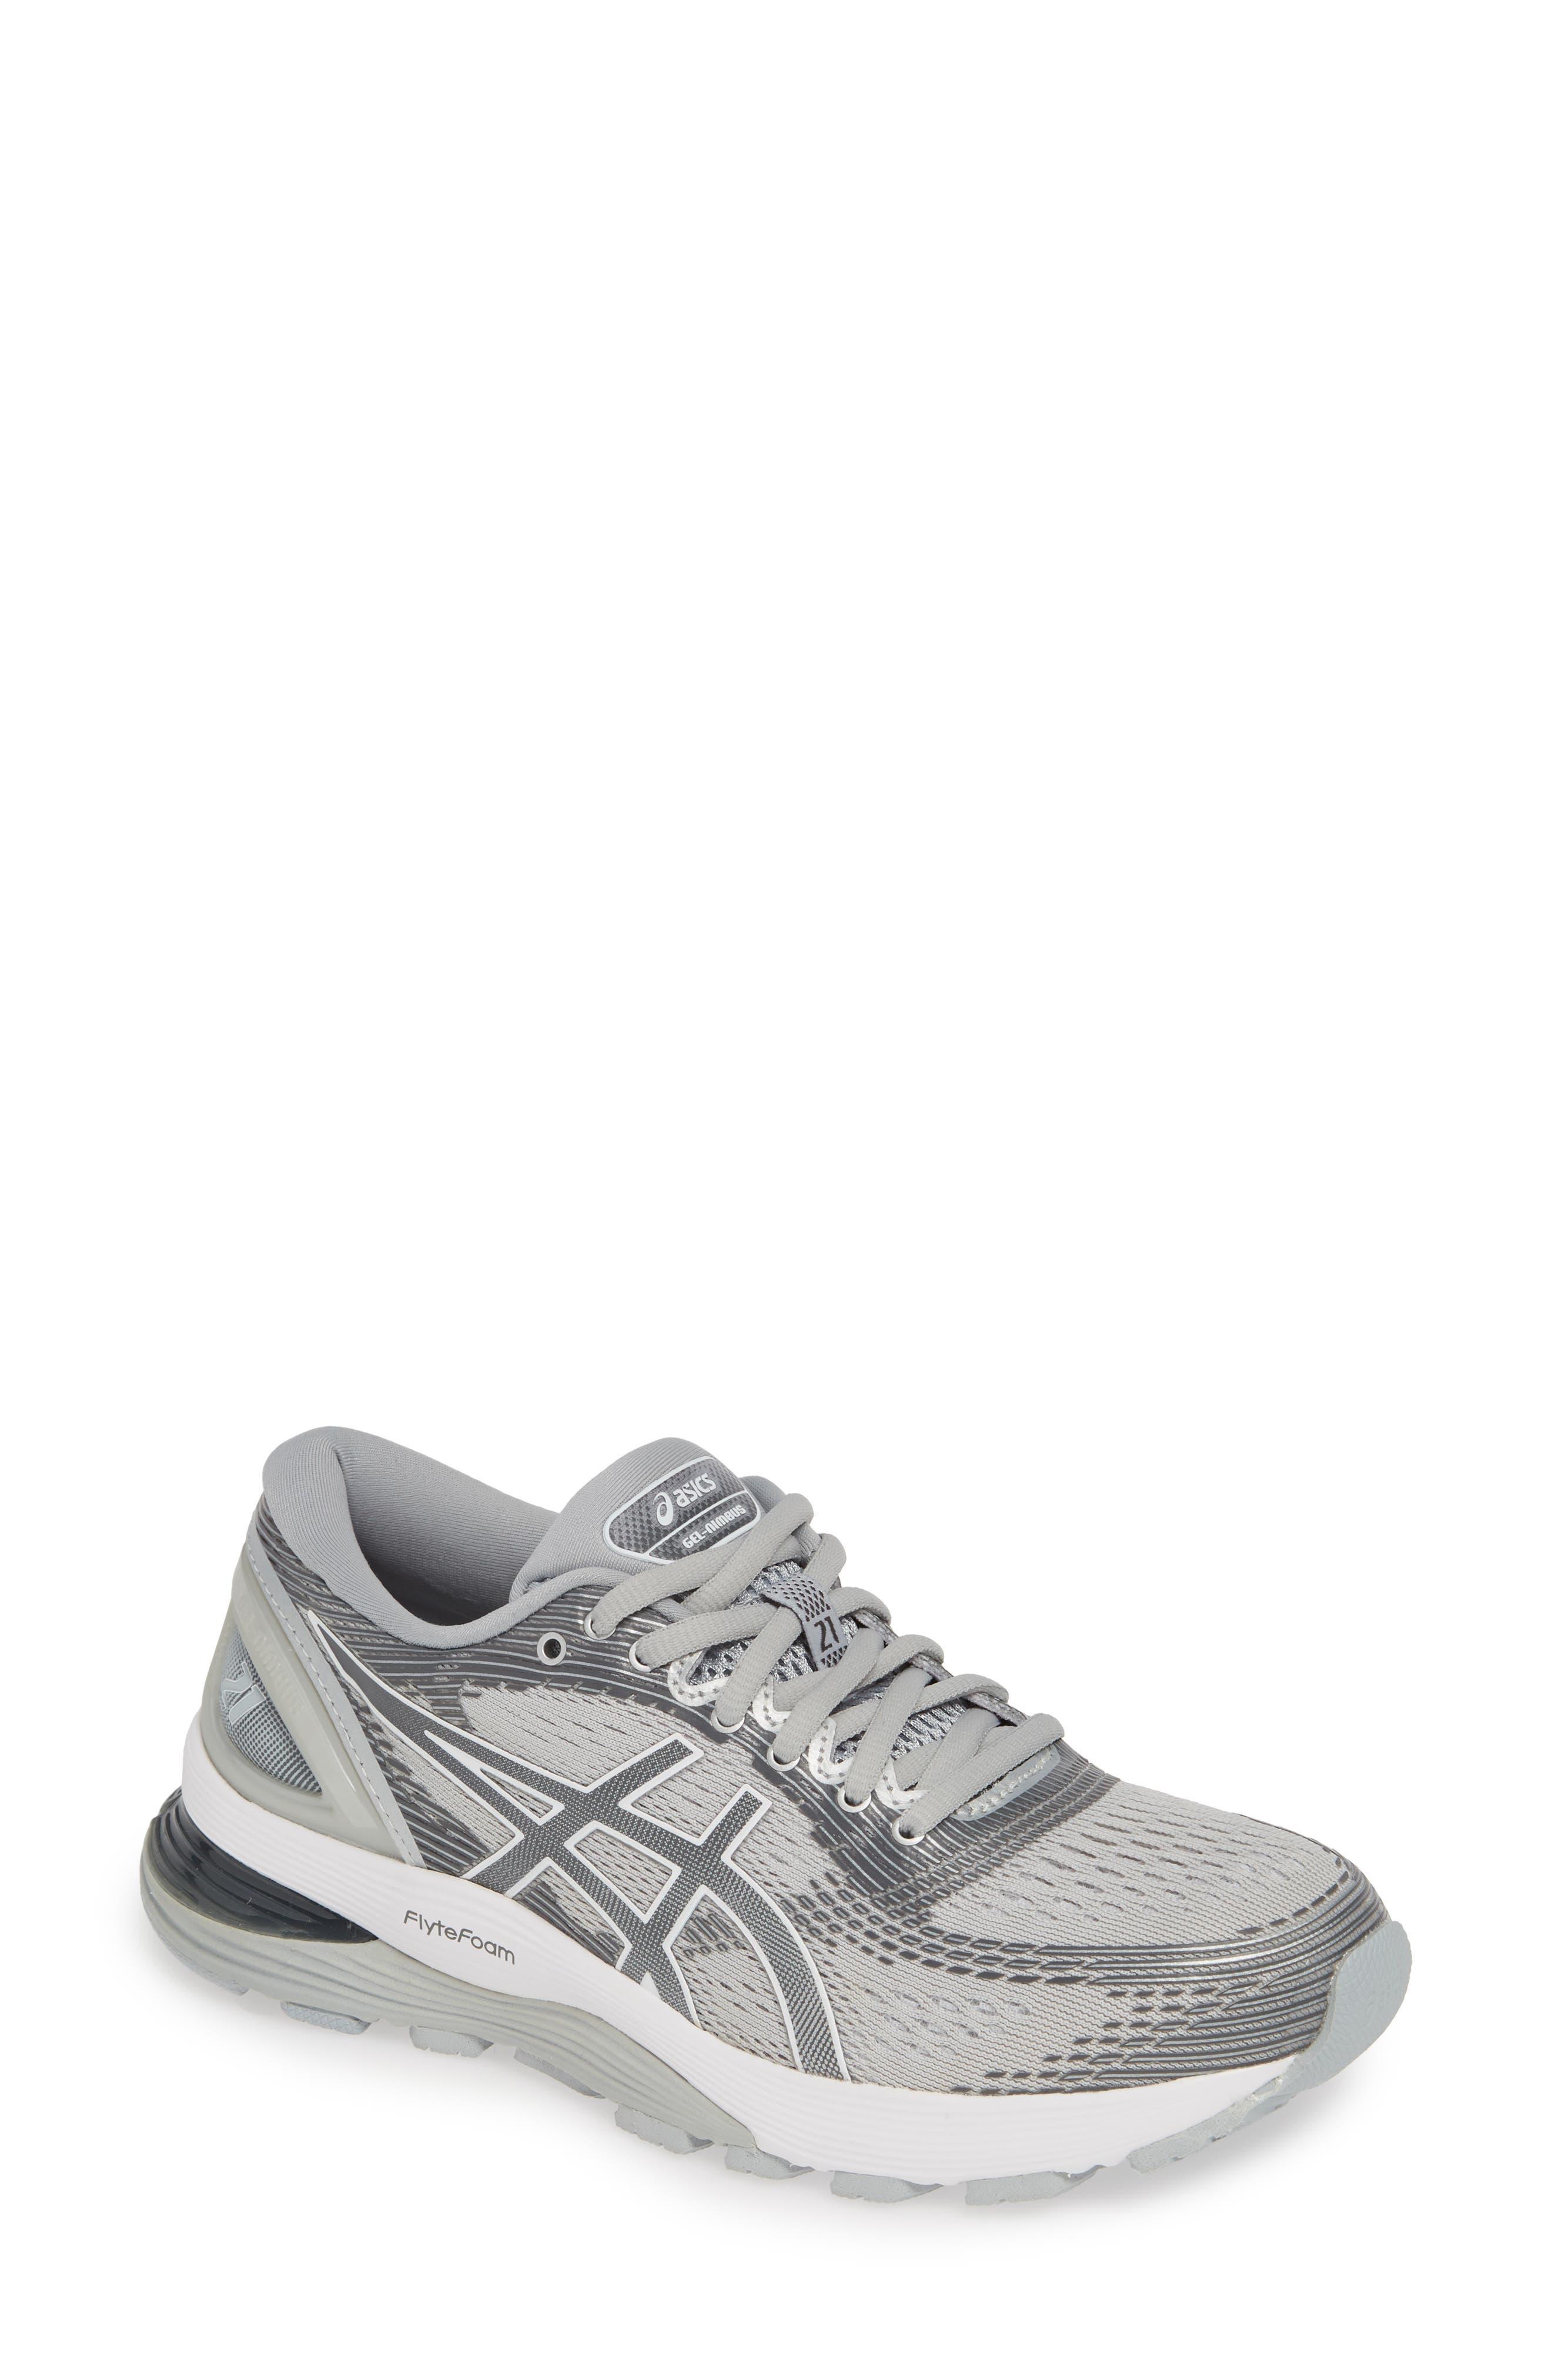 Asics Gel-Nimbus 21 Running Shoe, Grey